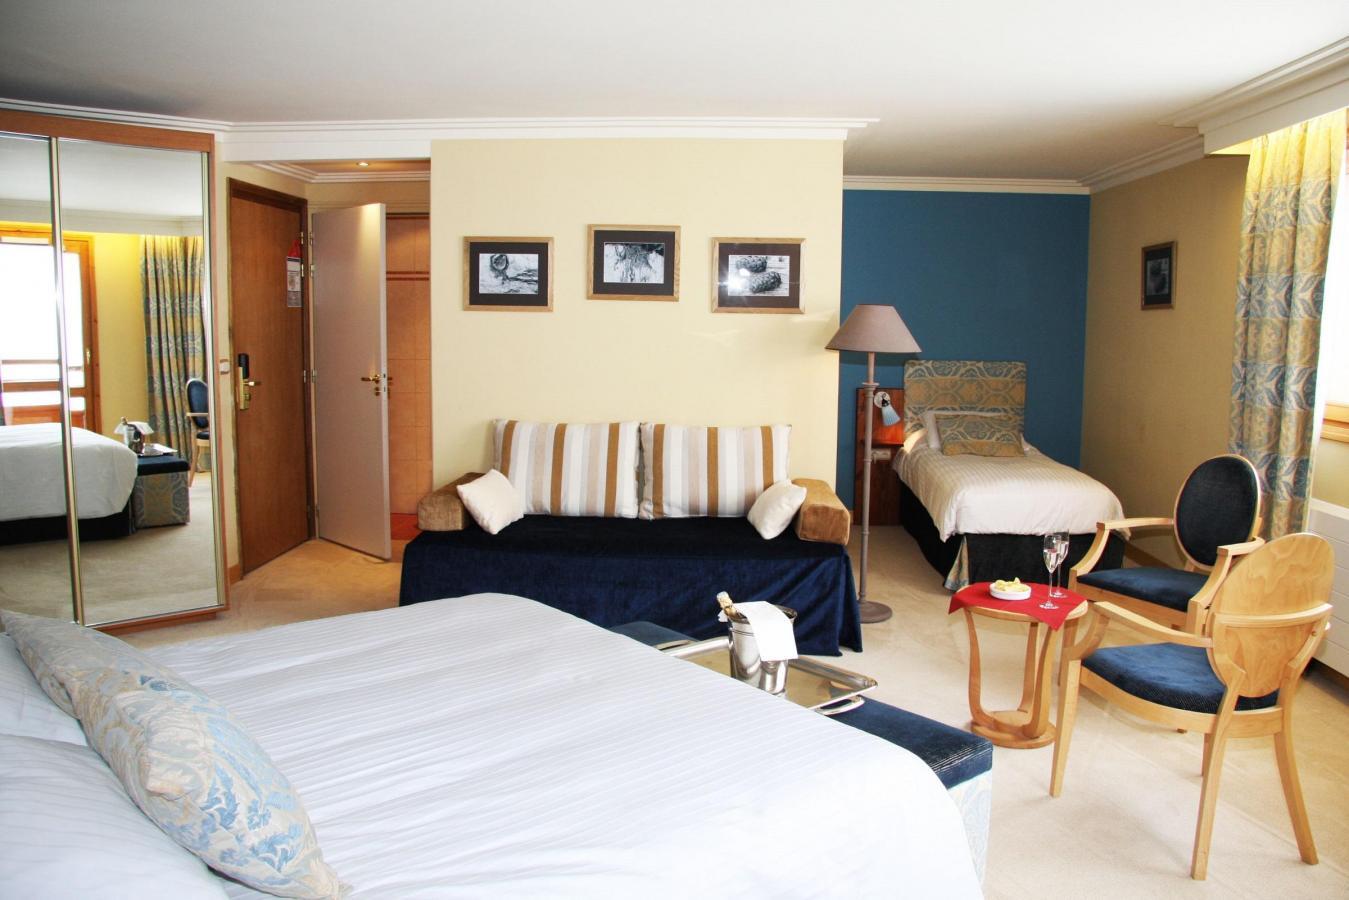 Araucaria hotel spa la plagne location vacances ski la for Hotel au ski